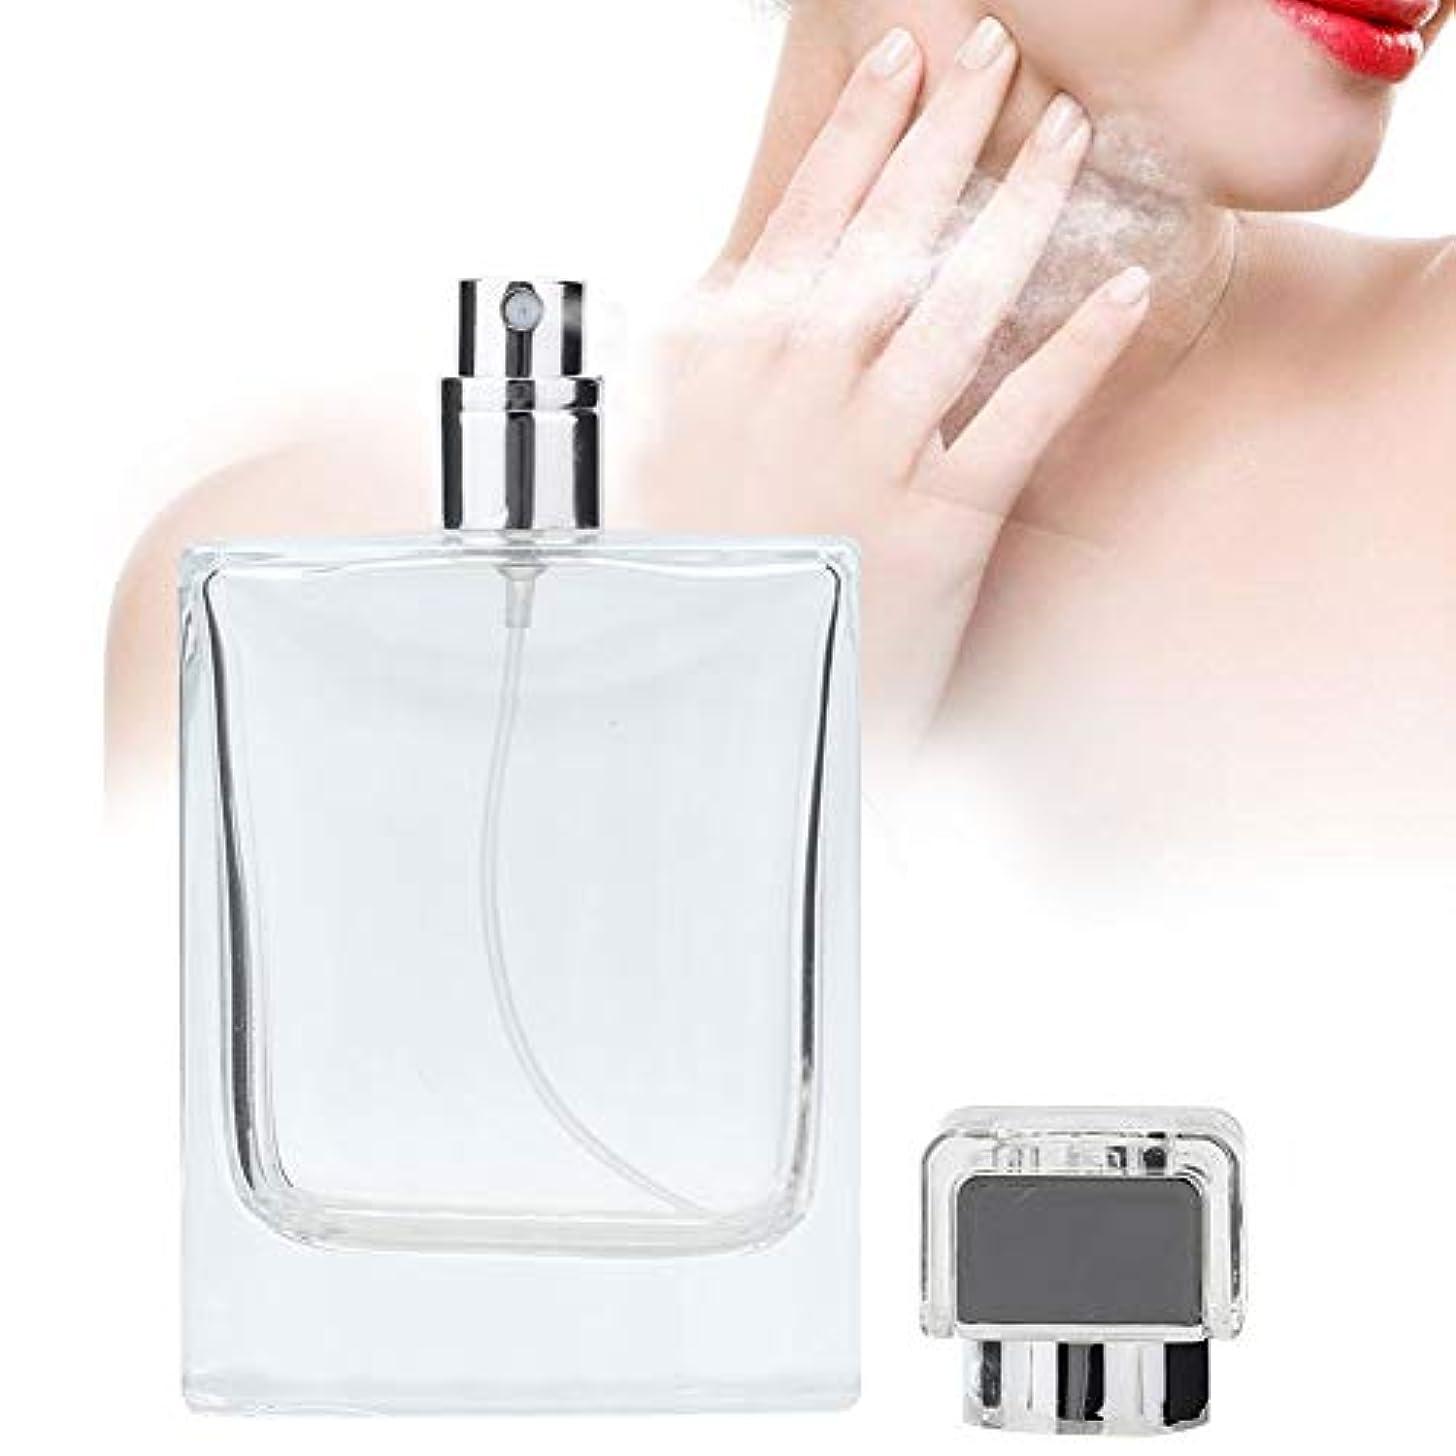 参照スピン兵士100 ML ガラス 詰め替え 香水スプレーボトル 空の香水アトマイザーディスペンサーボトル